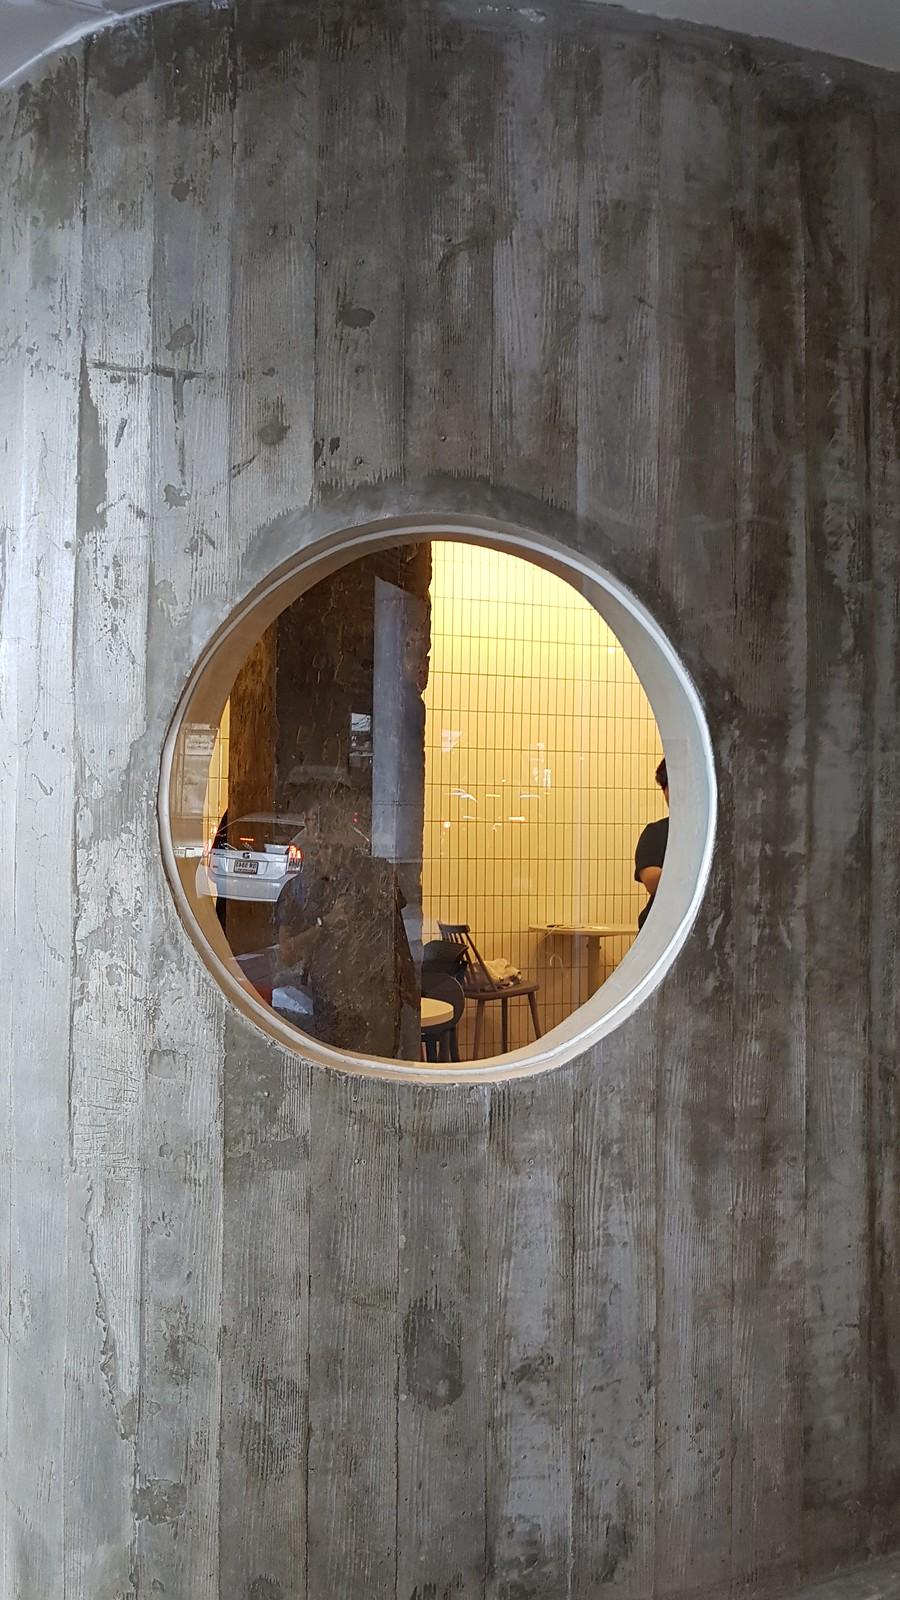 หน้าต่างวงกลม ARCH Cafe - คาเฟ่ติด บีทีเอส ปุณณวิถี